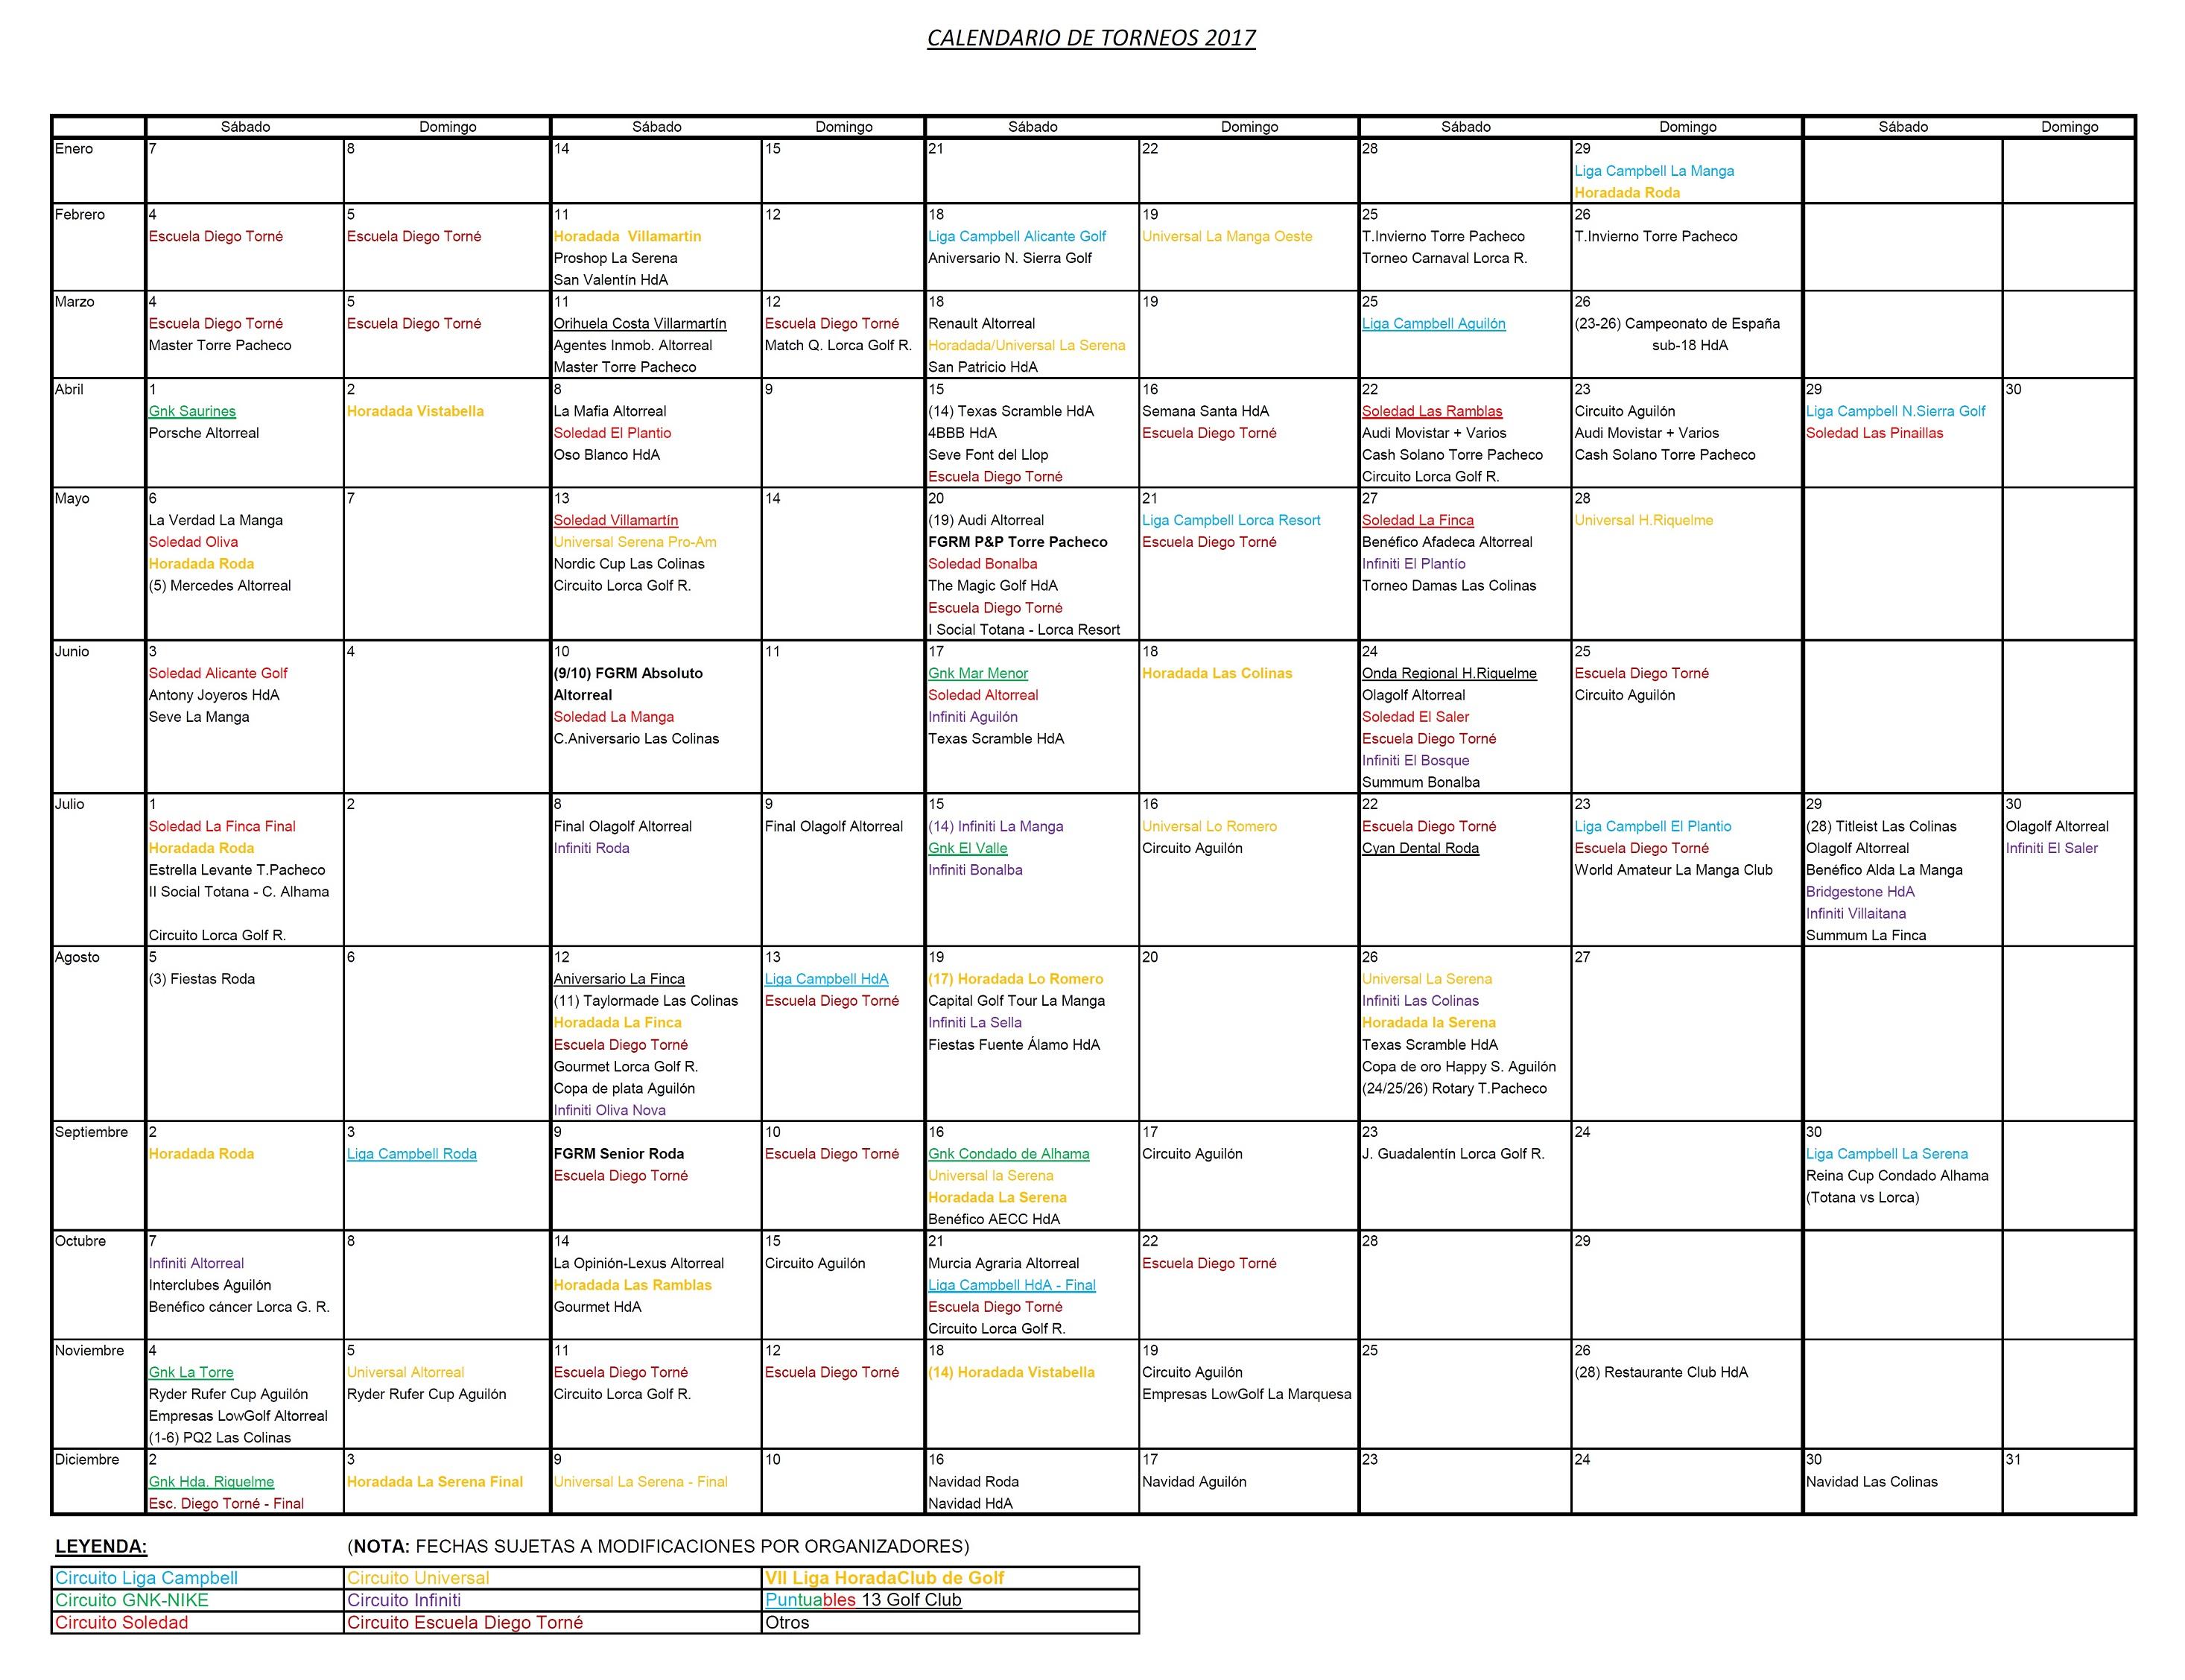 170509 Actualización de Calendario de Torneos